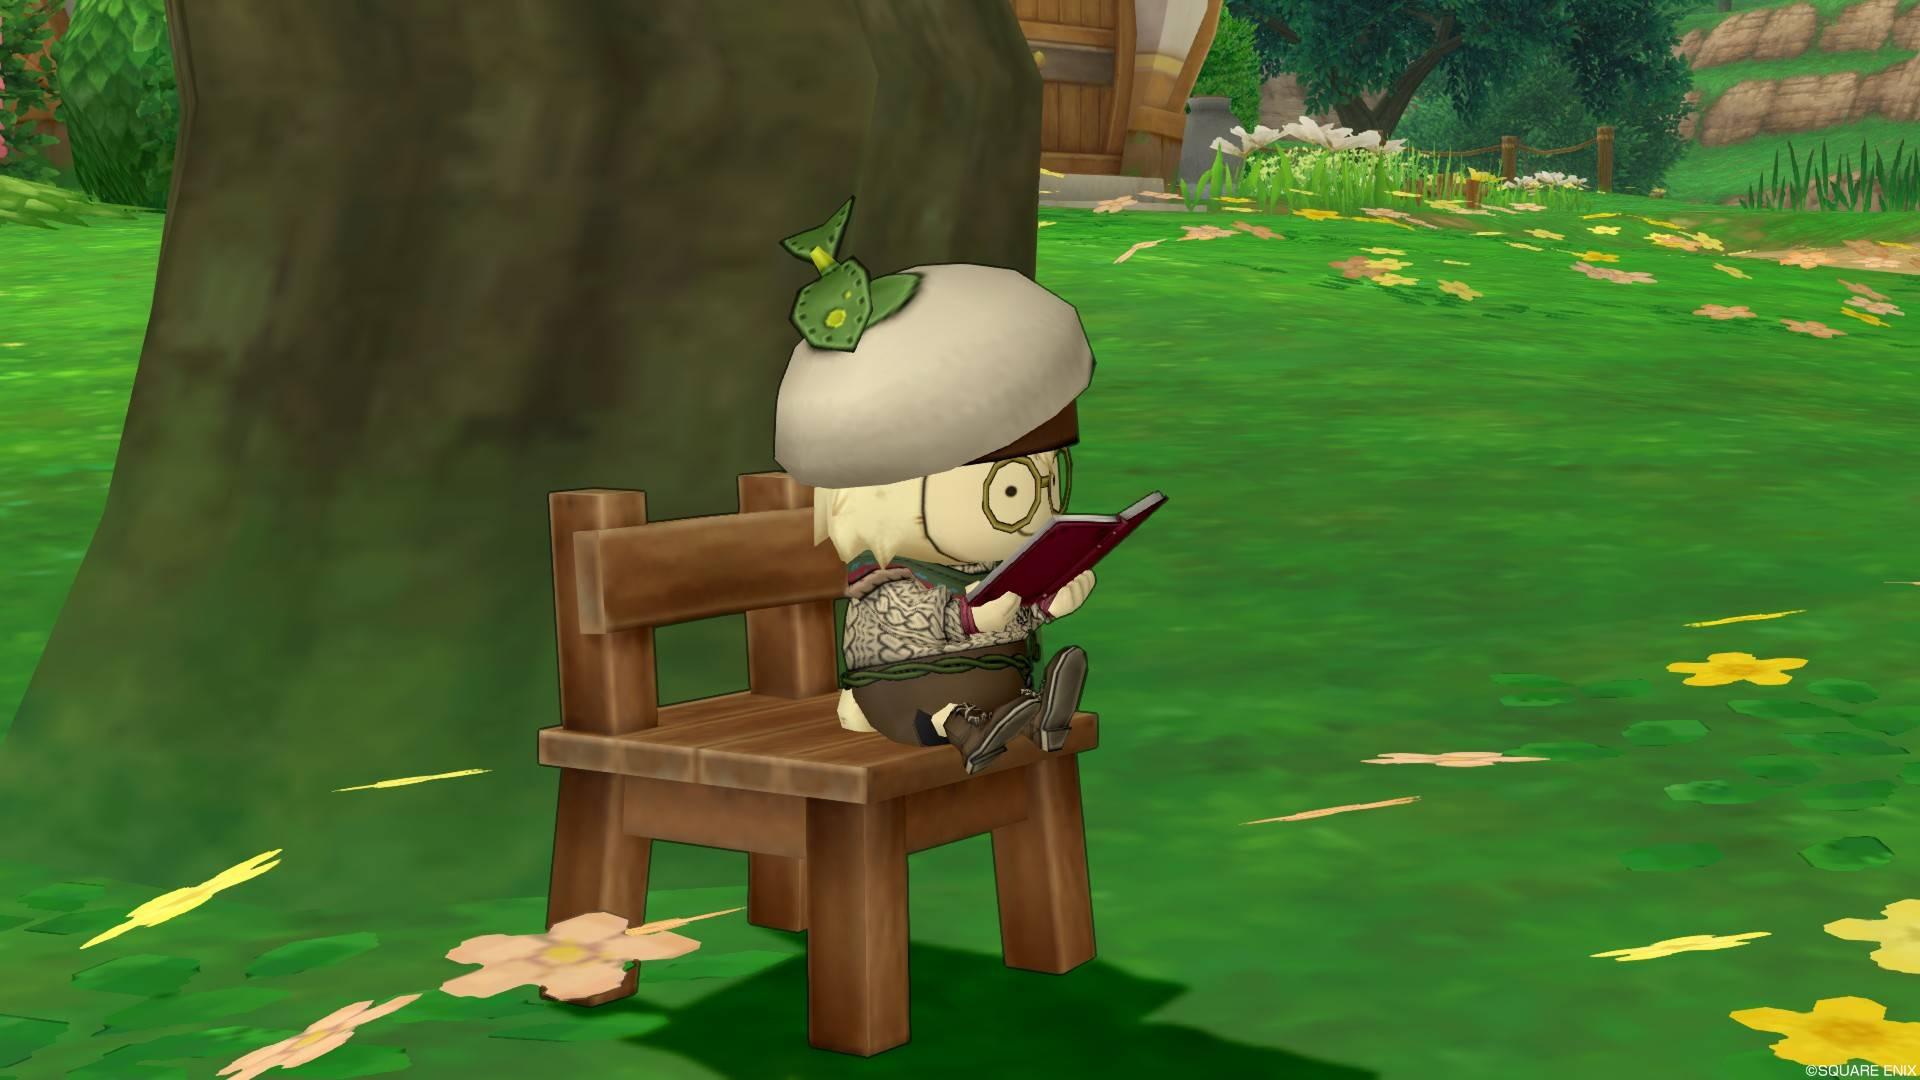 イスに座って本を読むメガネをかけたプクリポ